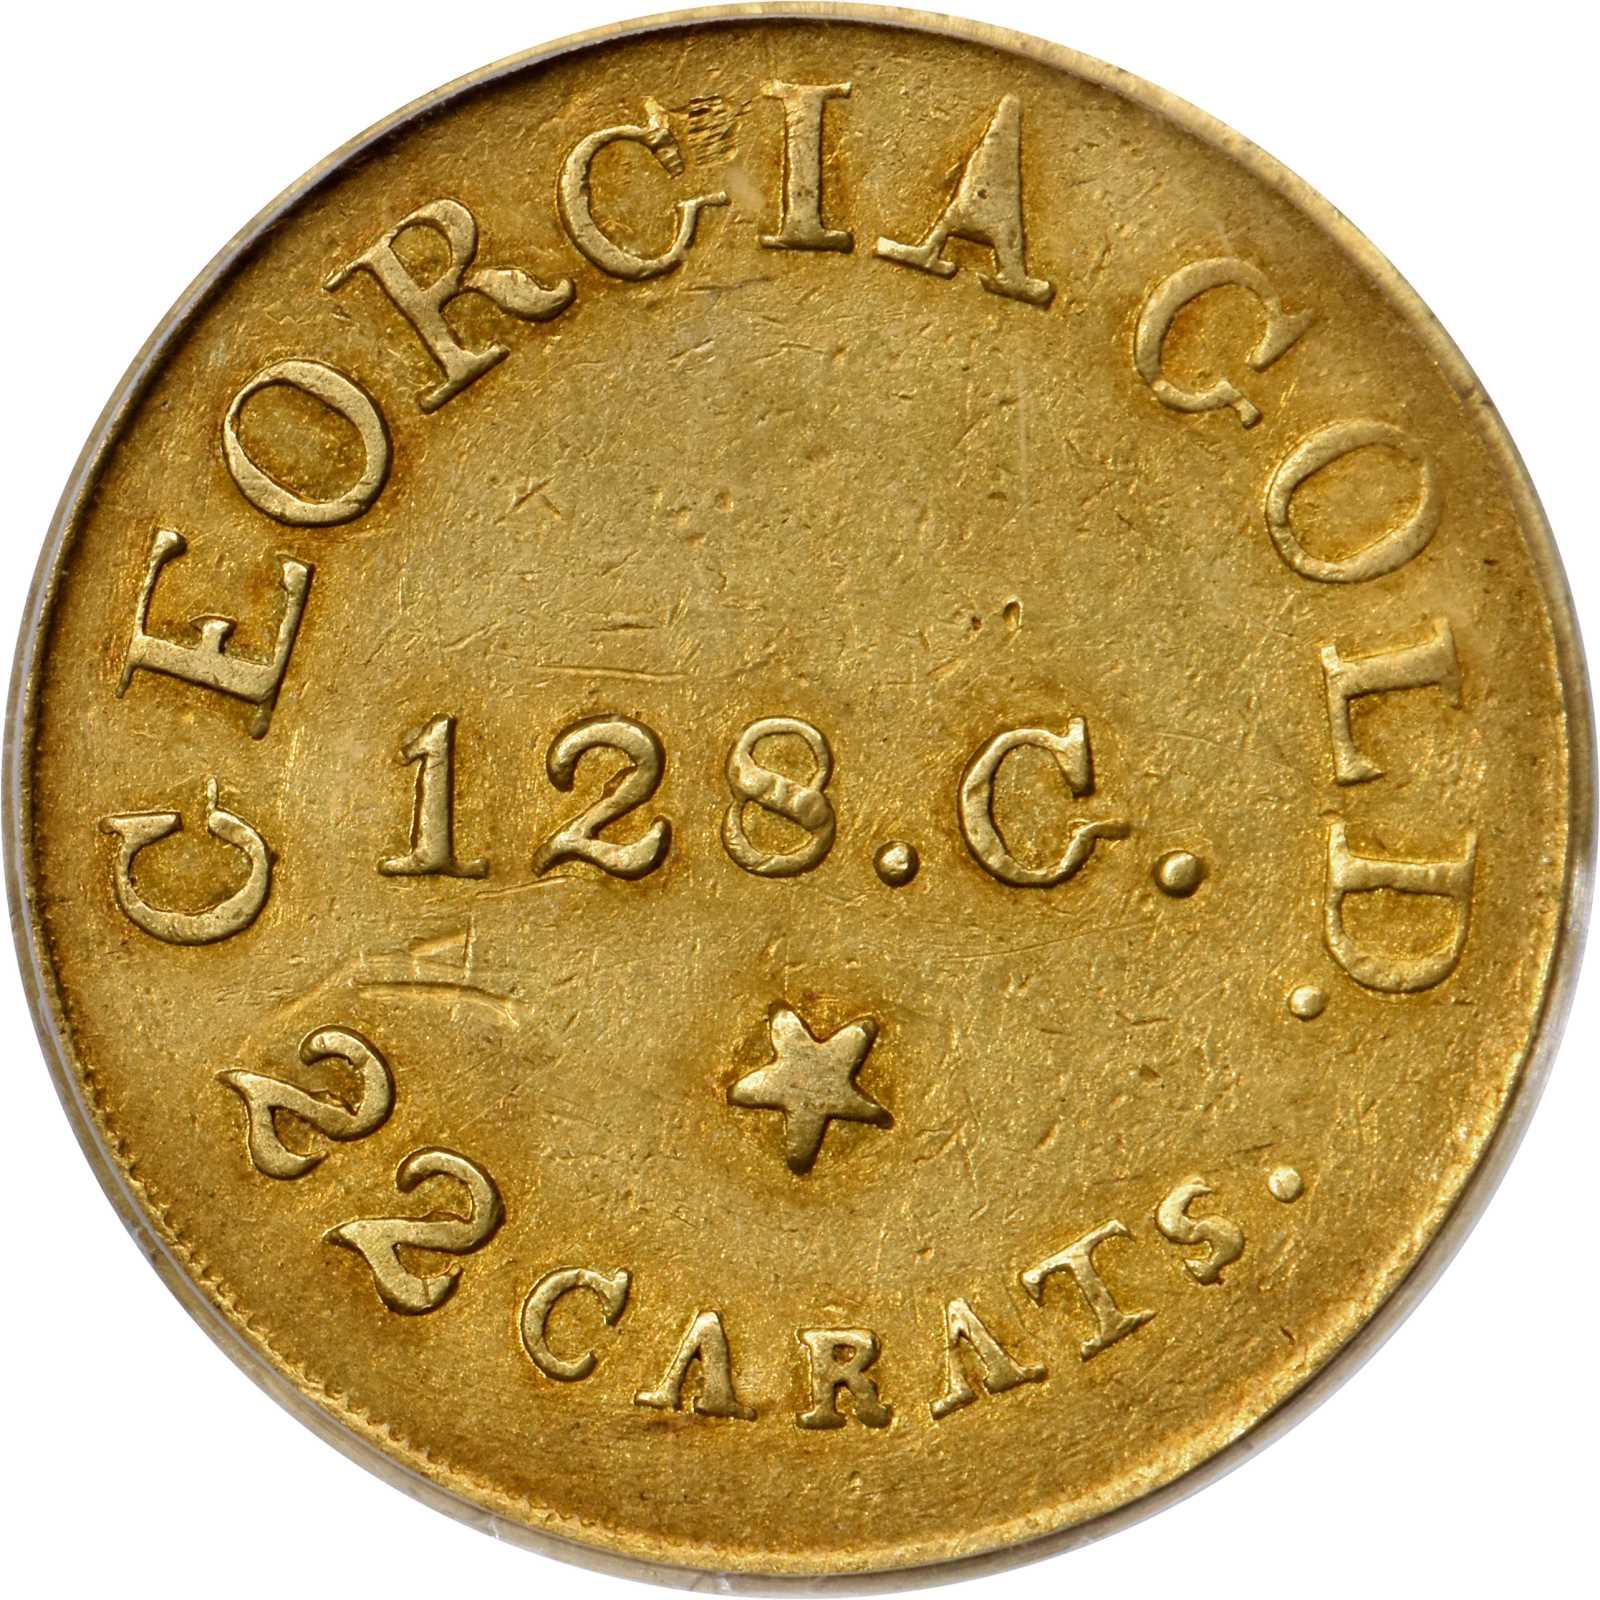 sample image for C.Becht $5 RUTHERFORD, 128 GR, 22C (K-23)